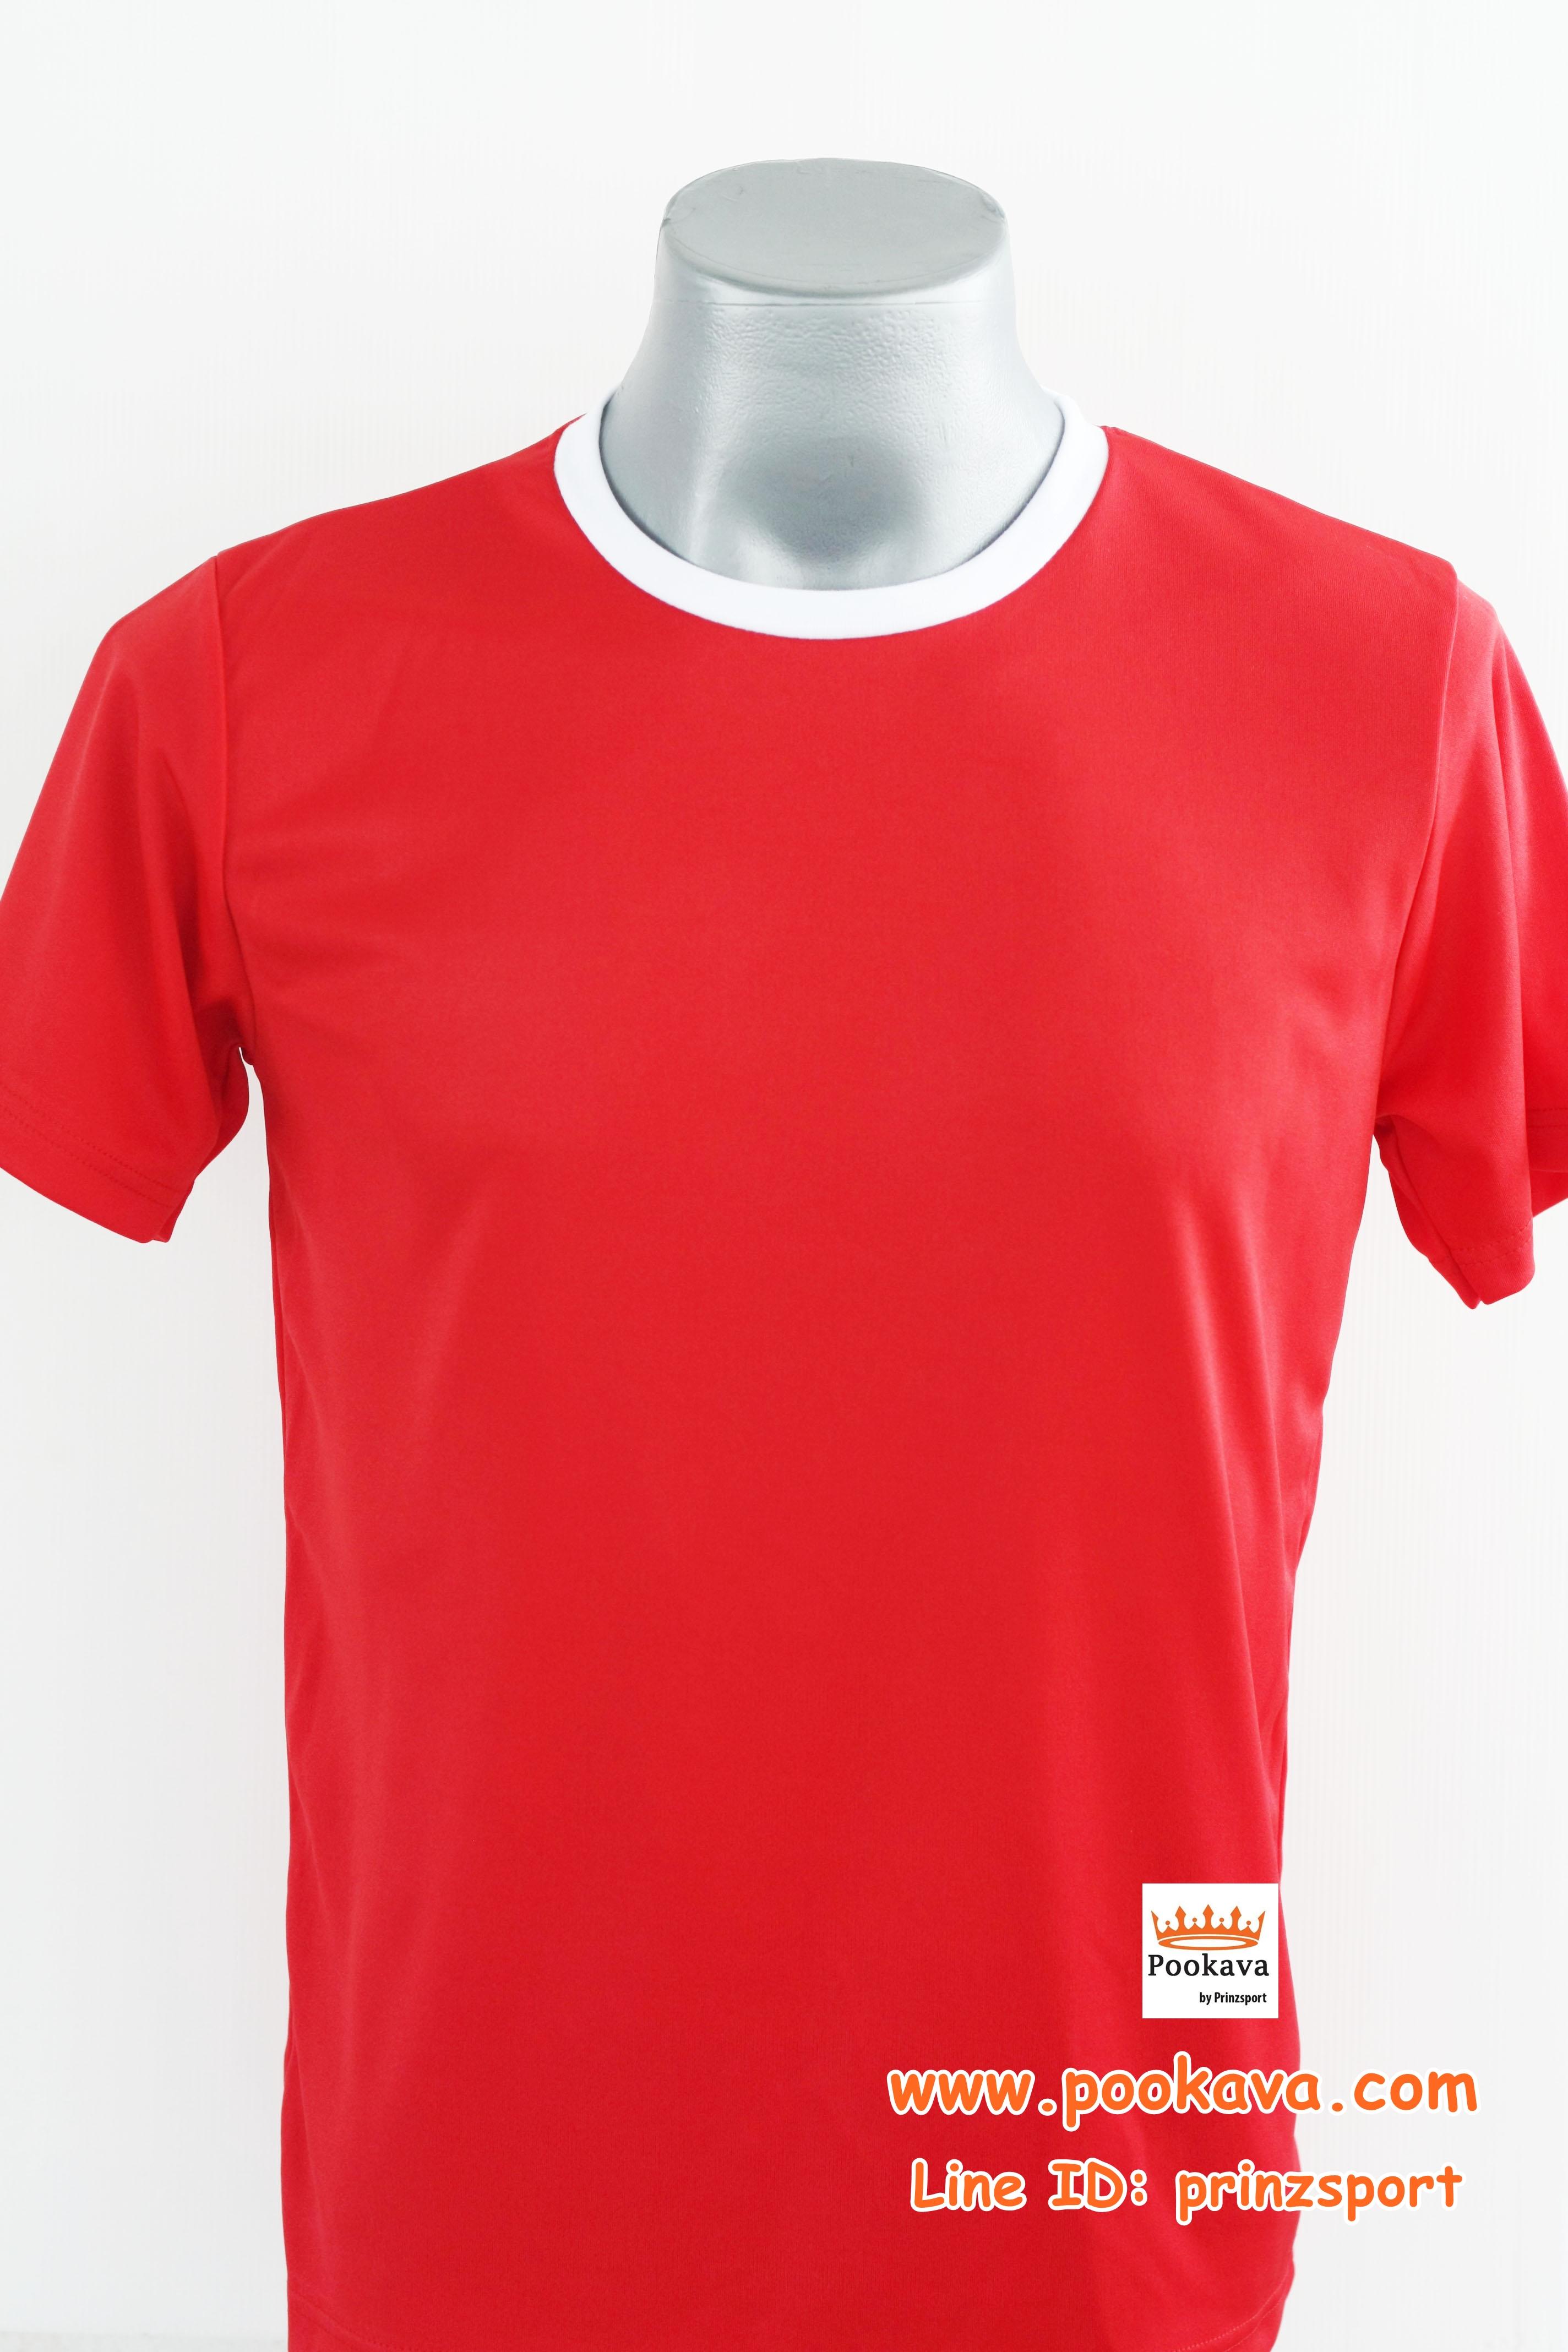 ขายส่ง ไซส์ M รอบอก 36 นิ้ว เสื้อกีฬาสีแดง เสื้อกีฬาเปล่าผู้ใหญ่ เสื้อเปล่า